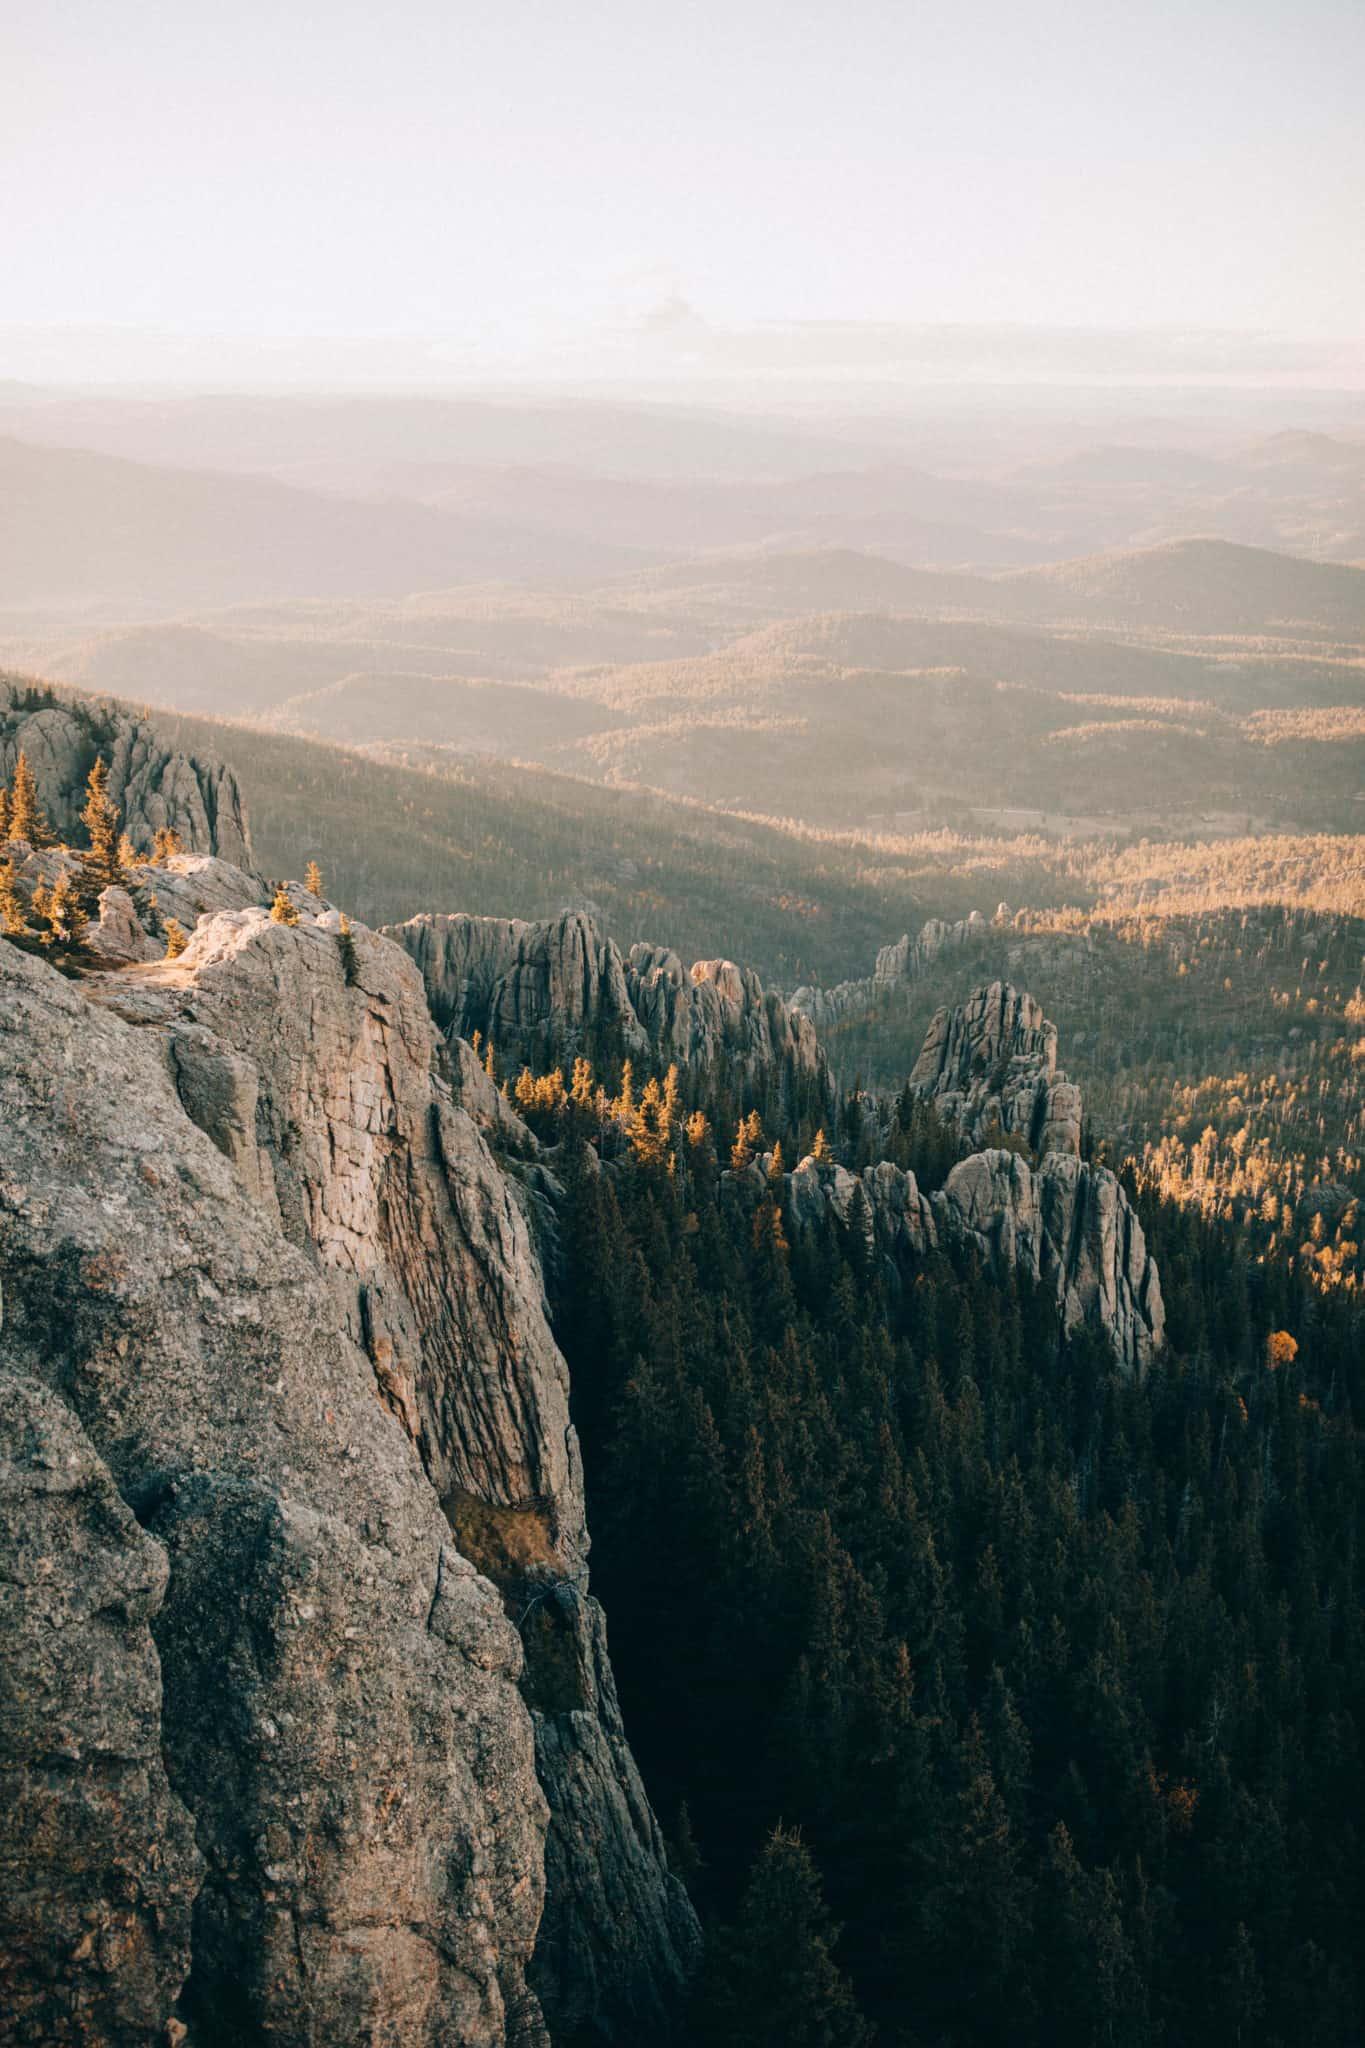 View of Granite peaks in Black Elk National Forest, South Dakota